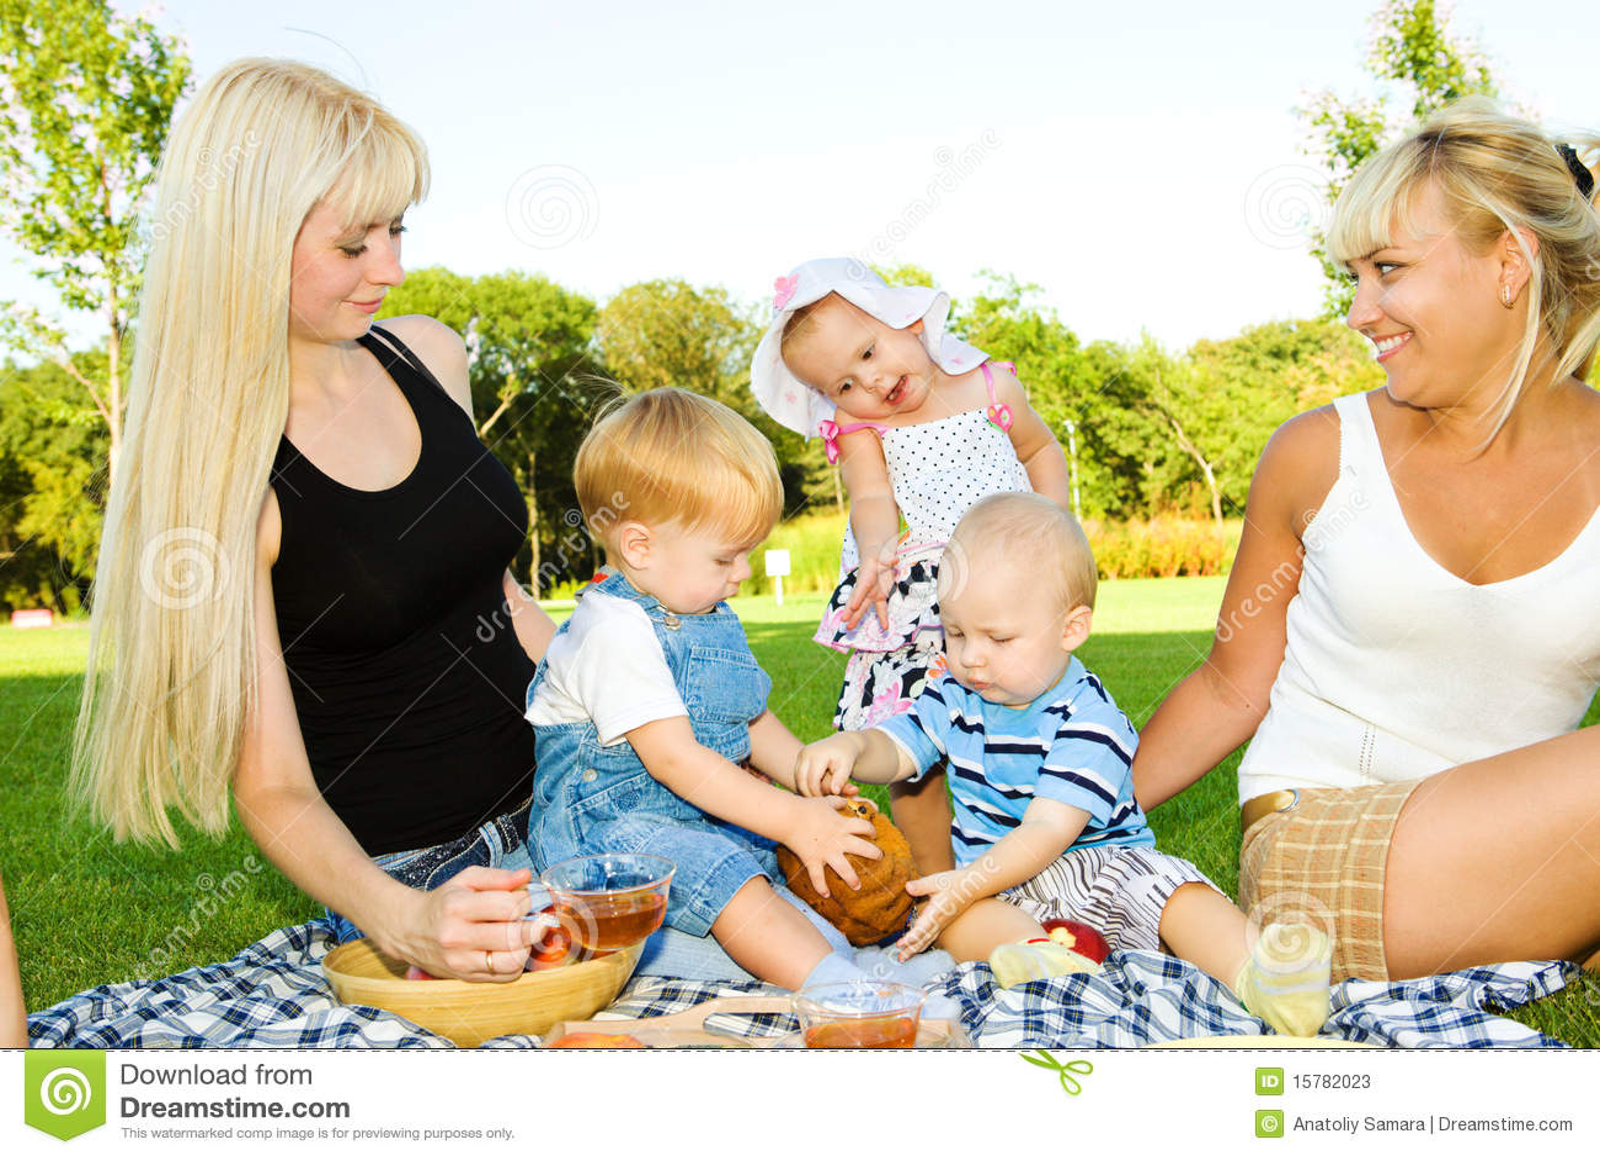 Toddler kids eating cake